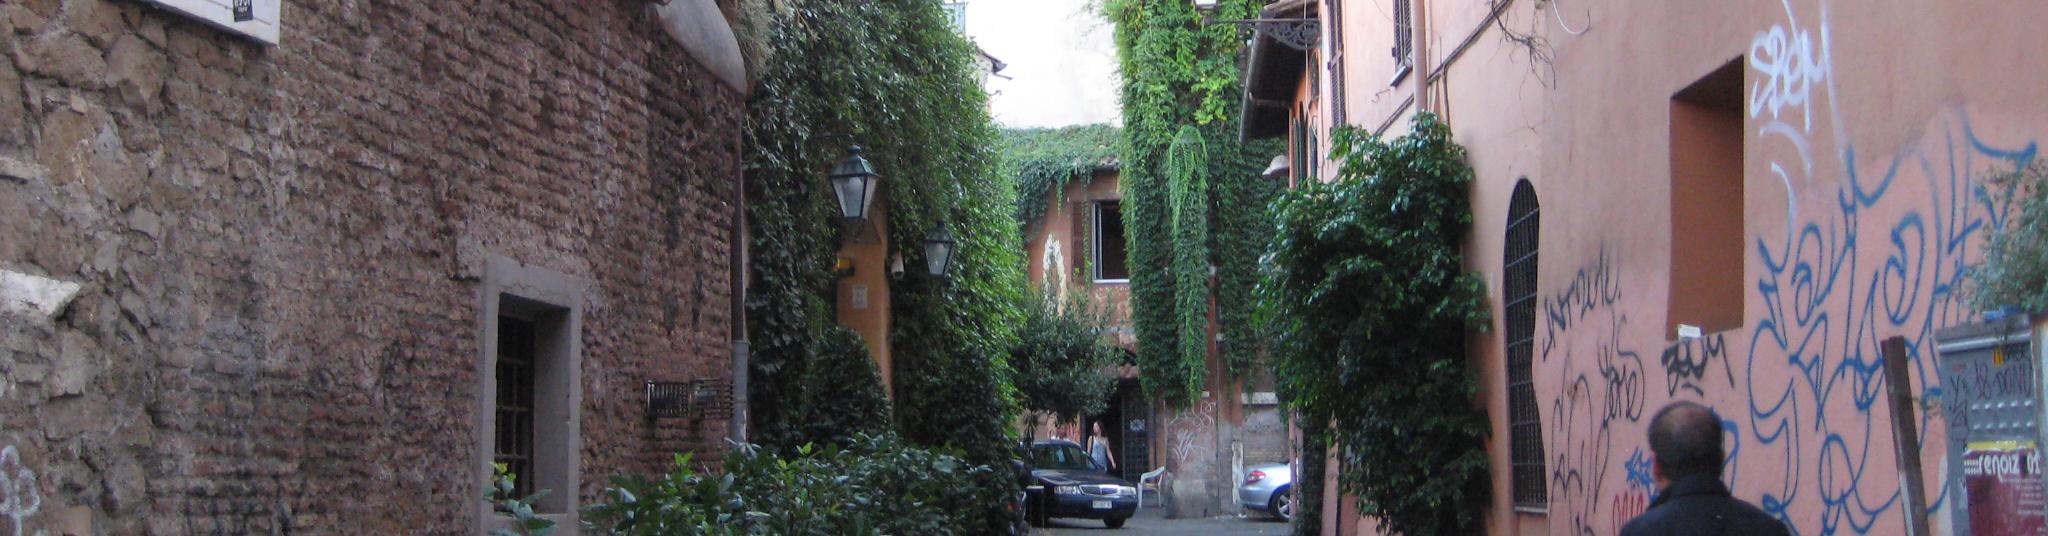 roma-camminando-passi-de-sica-ladri-biciclette